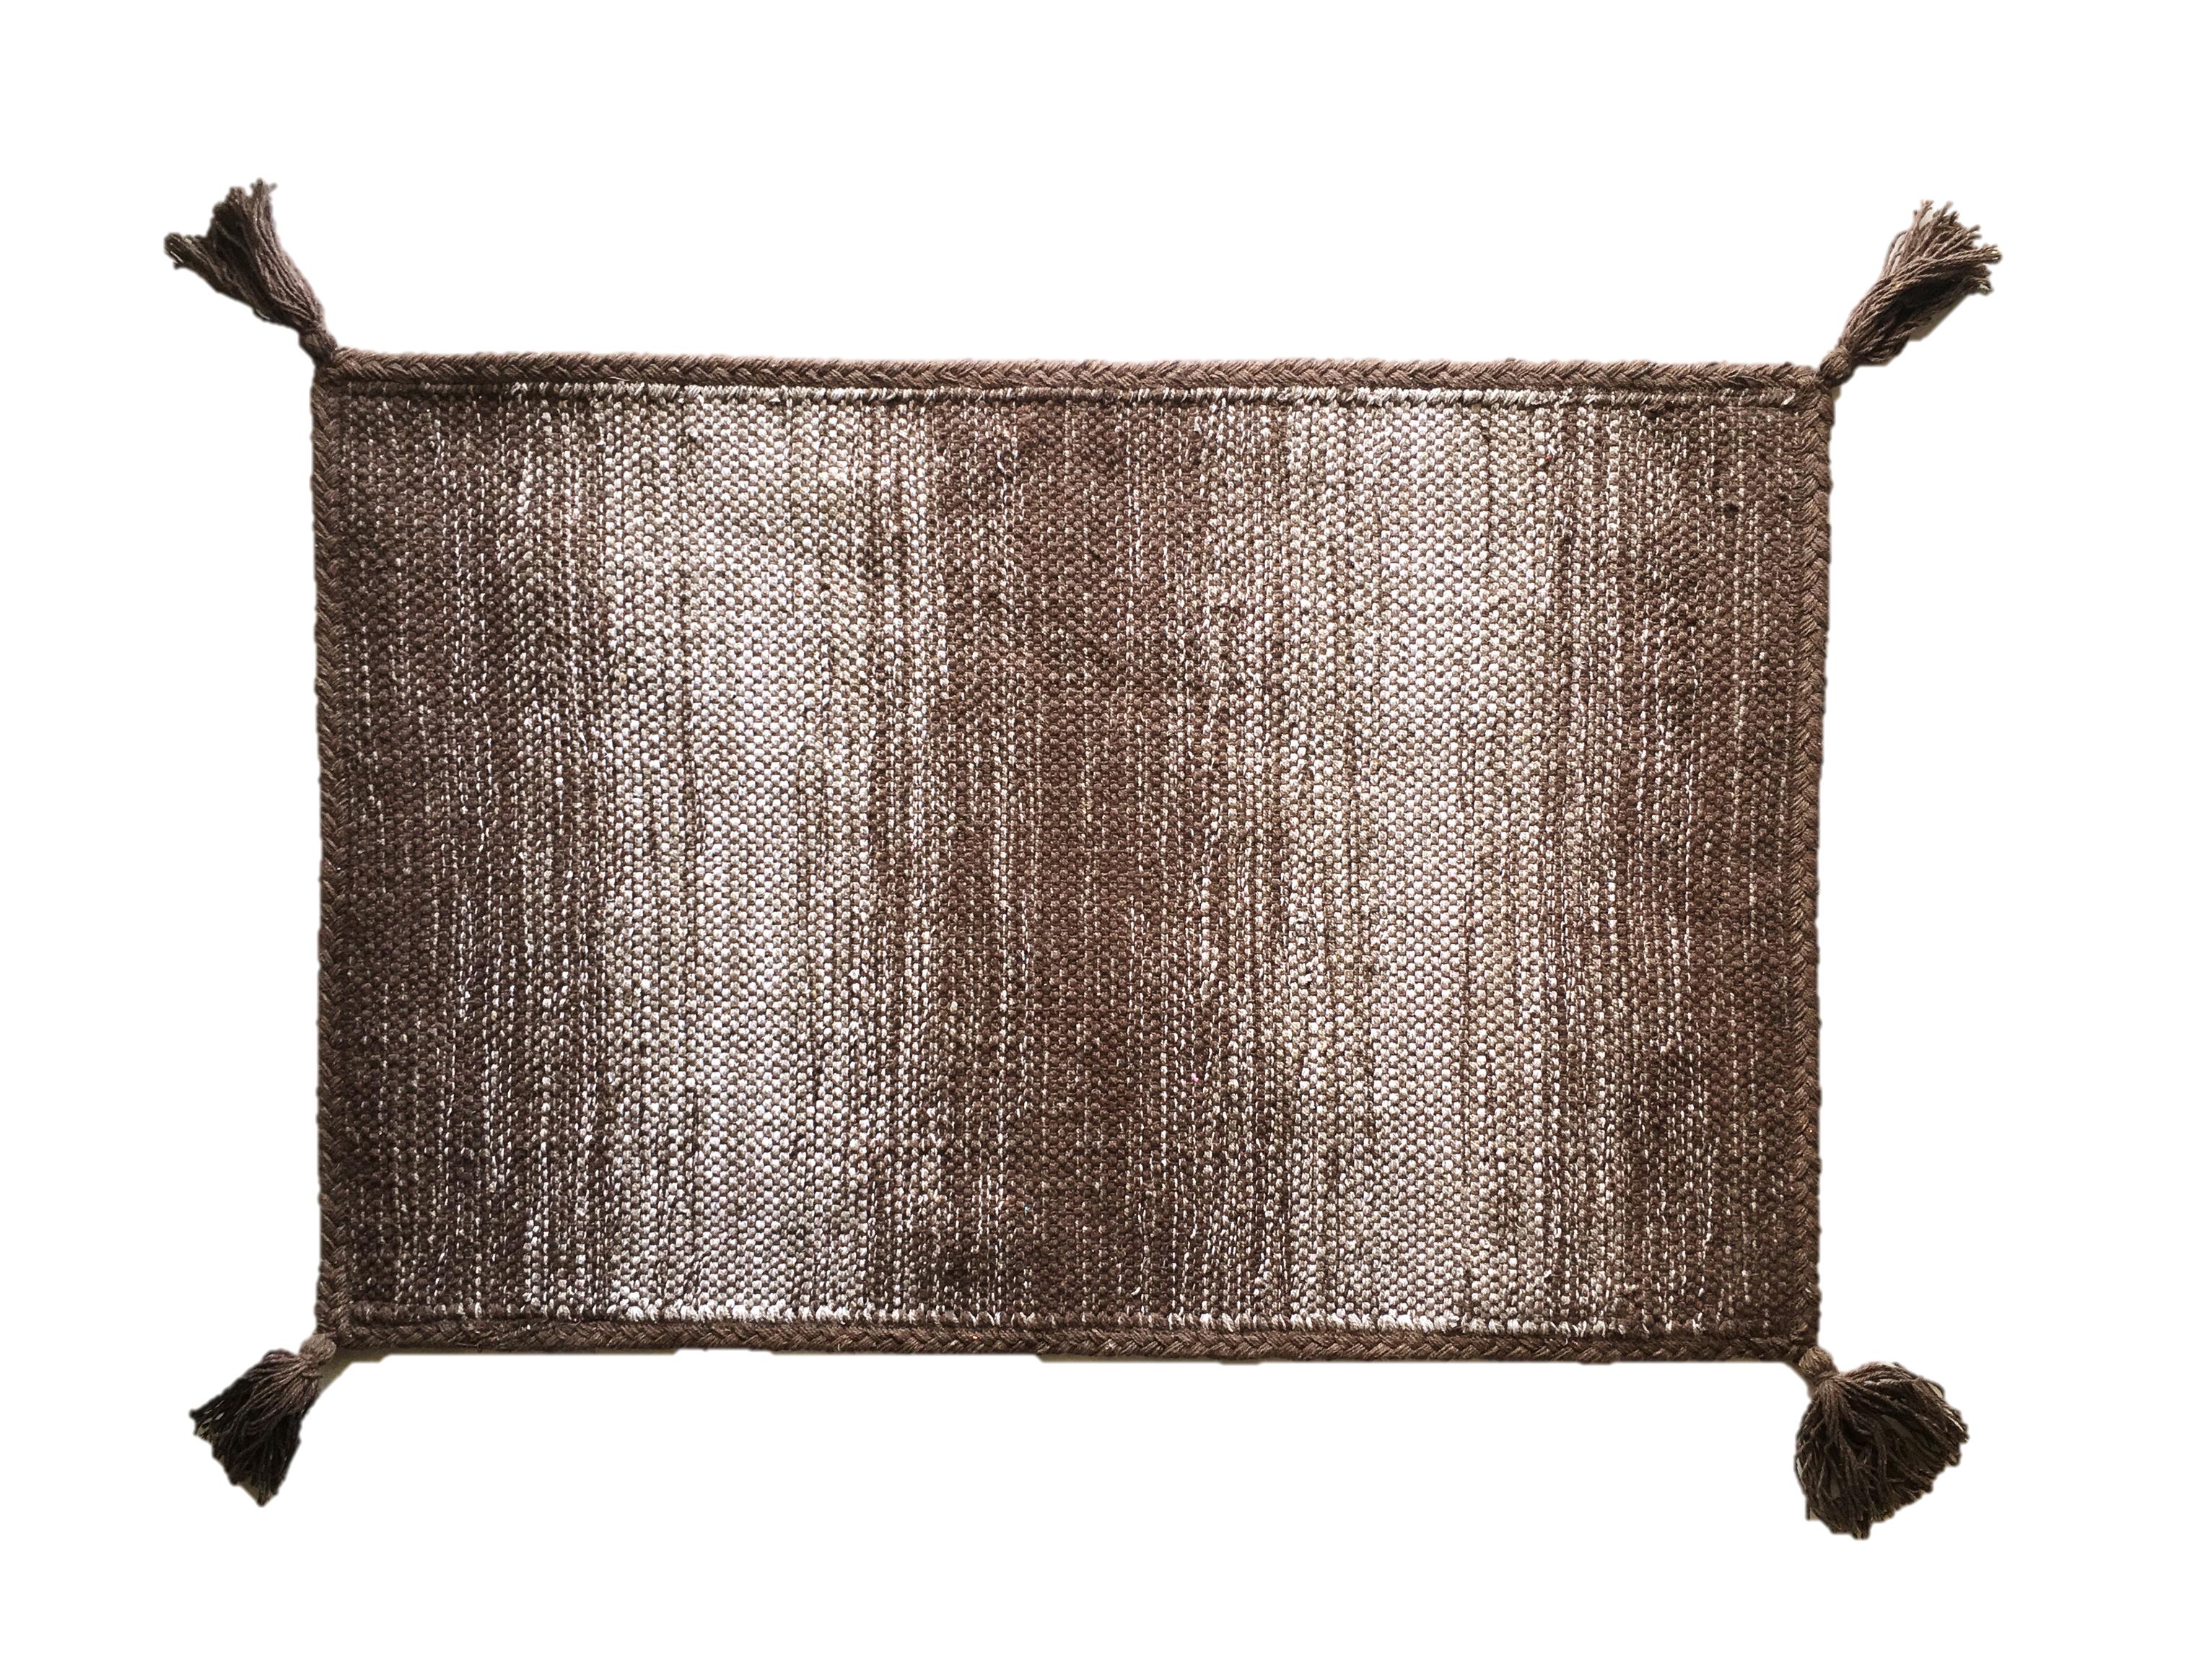 Χαλί Lora Εσωτερικού Χώρου Καφέ 135cm X 70cm home   ειδη μπανιου   χαλιά